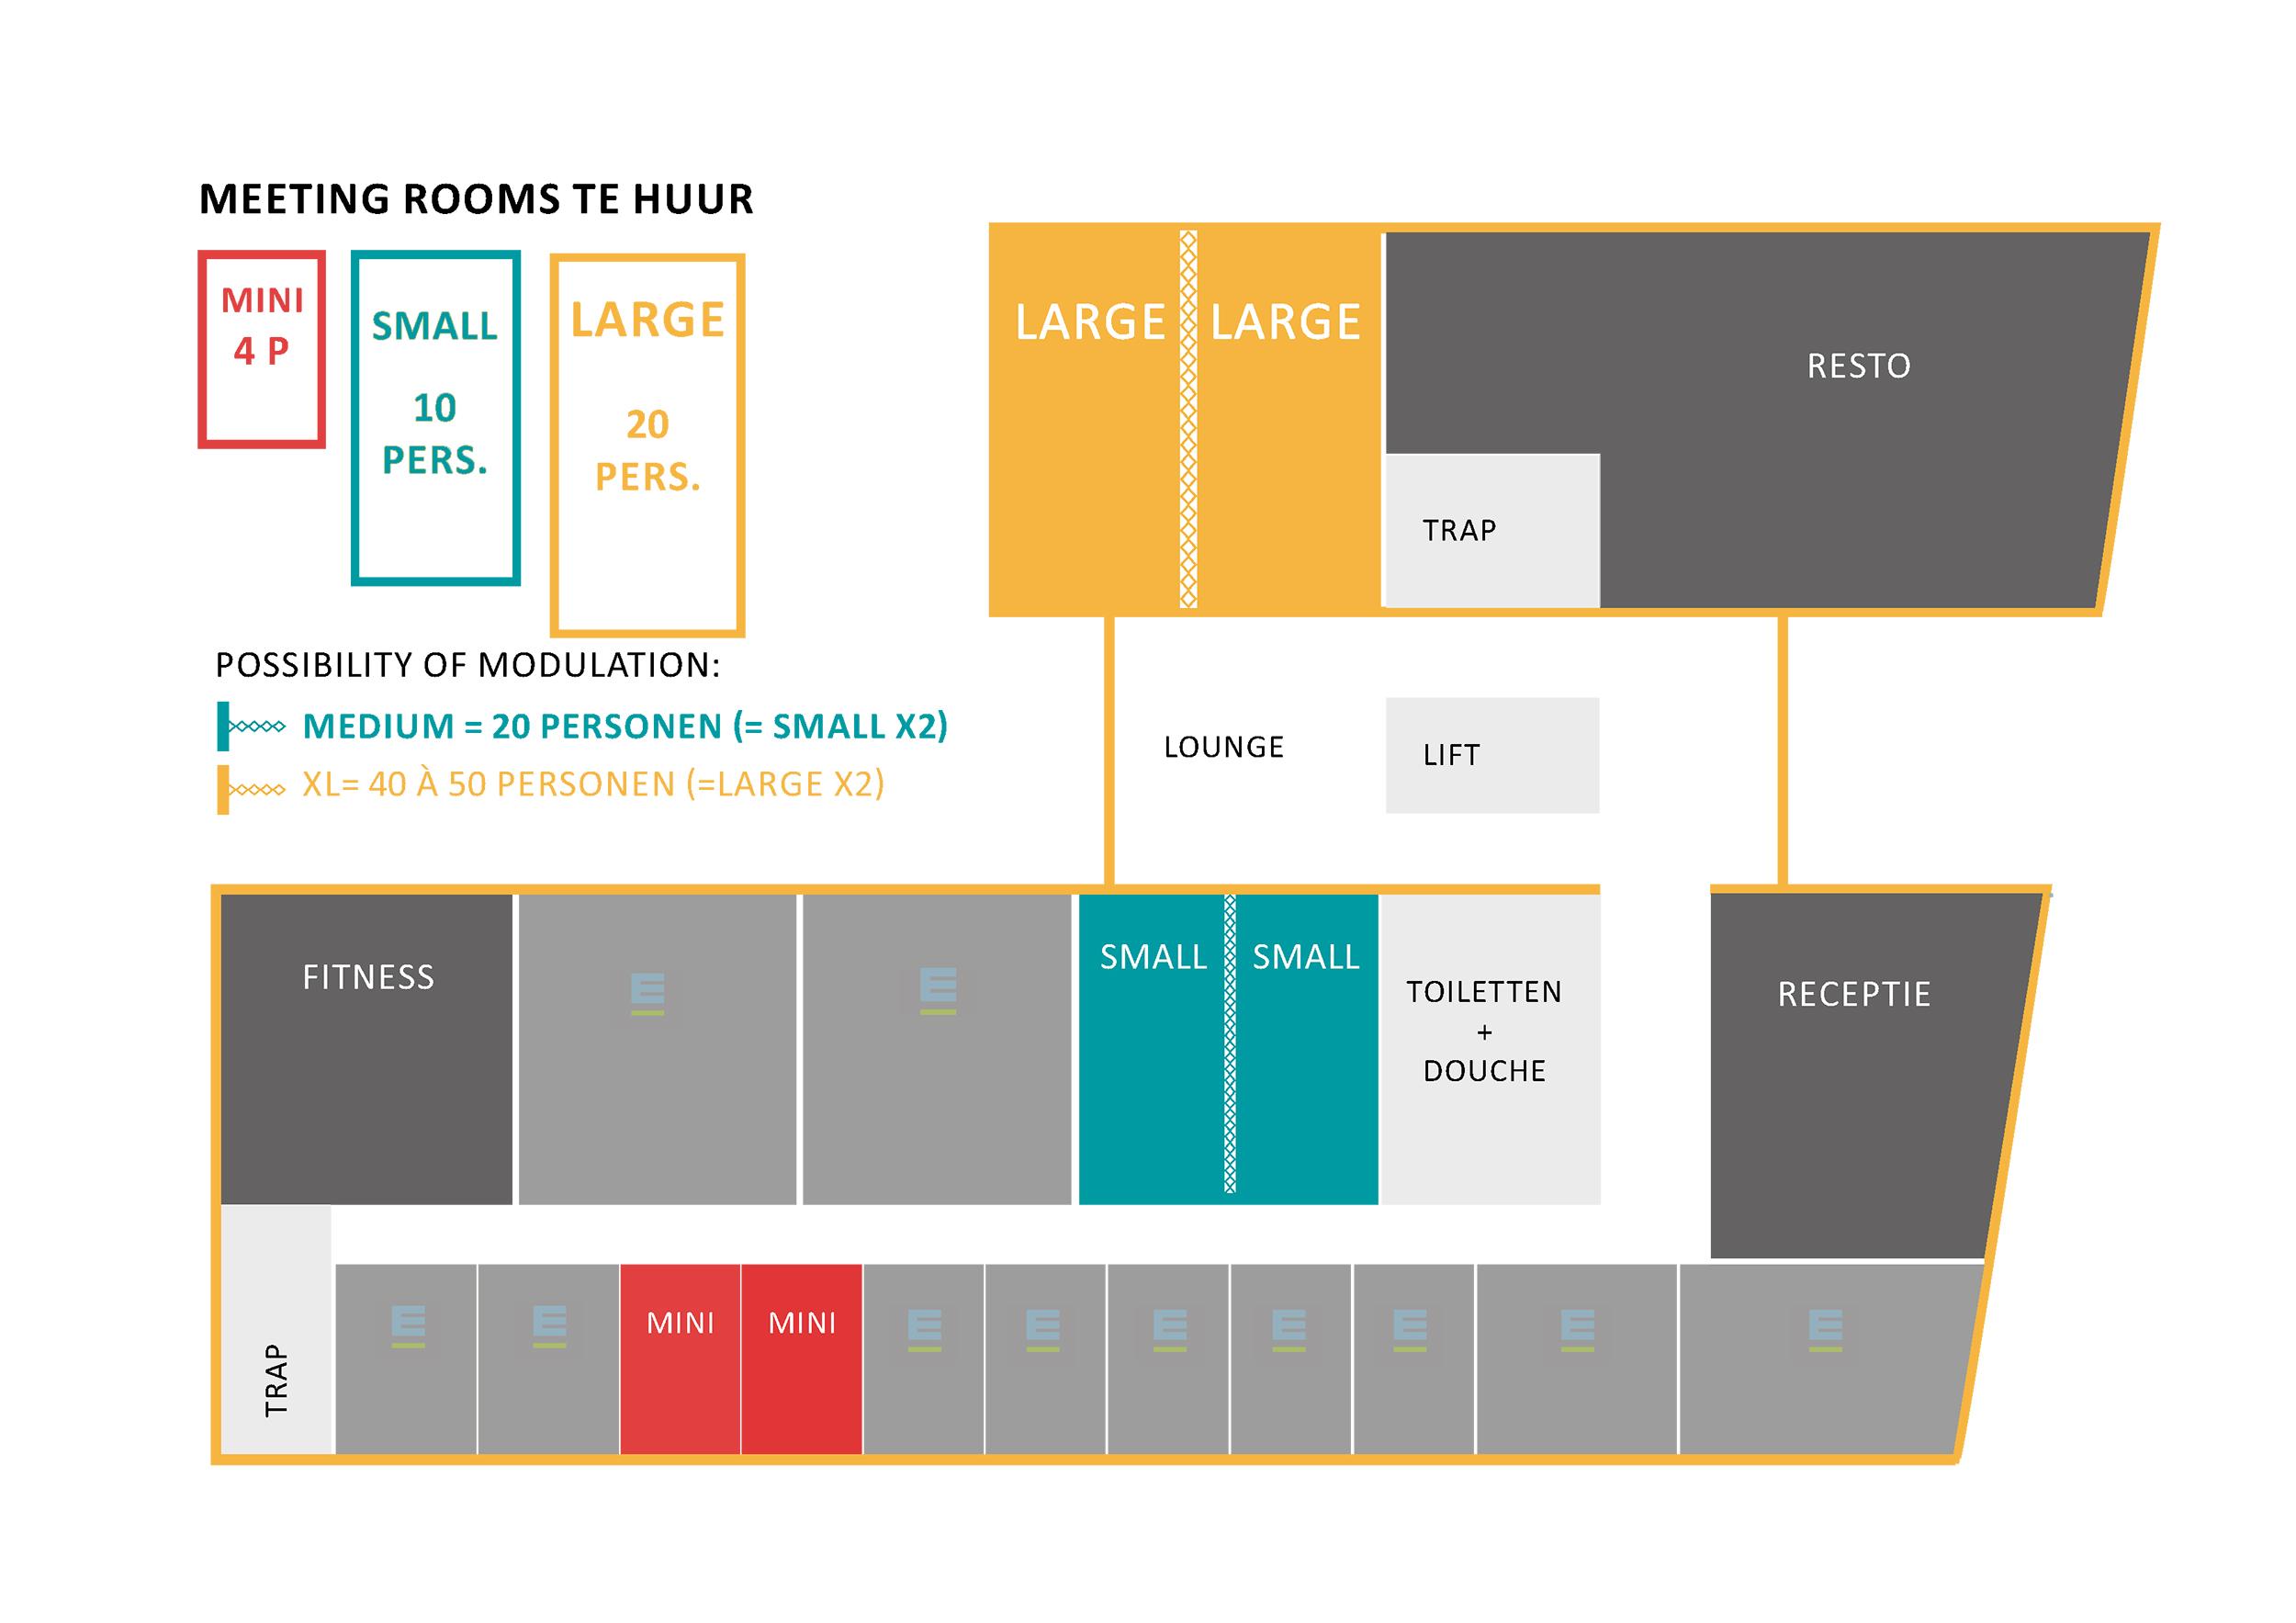 Meeting rooms te huur op het gelijkvloers